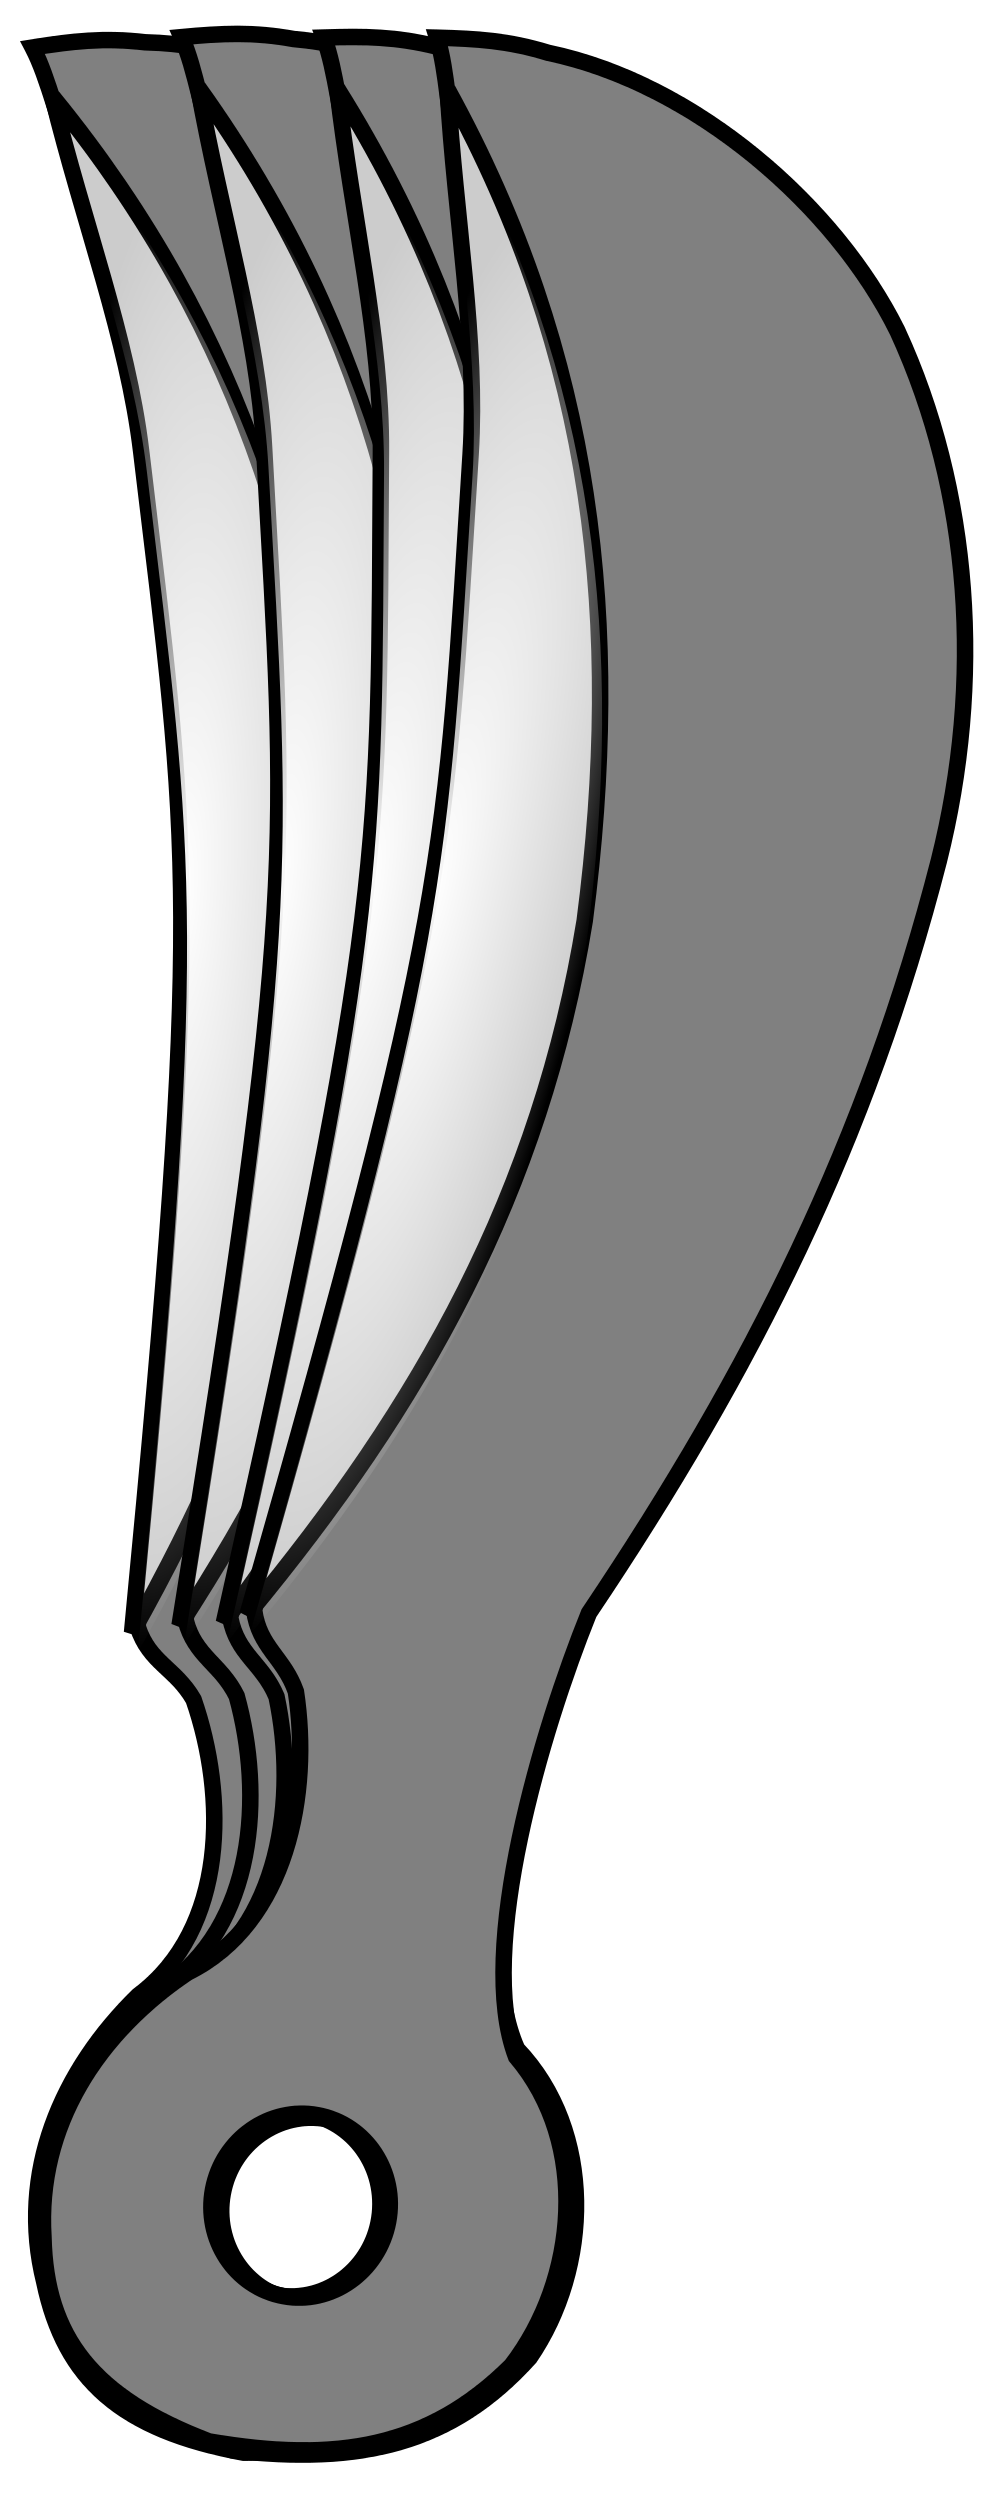 Shuriken svg #5, Download drawings